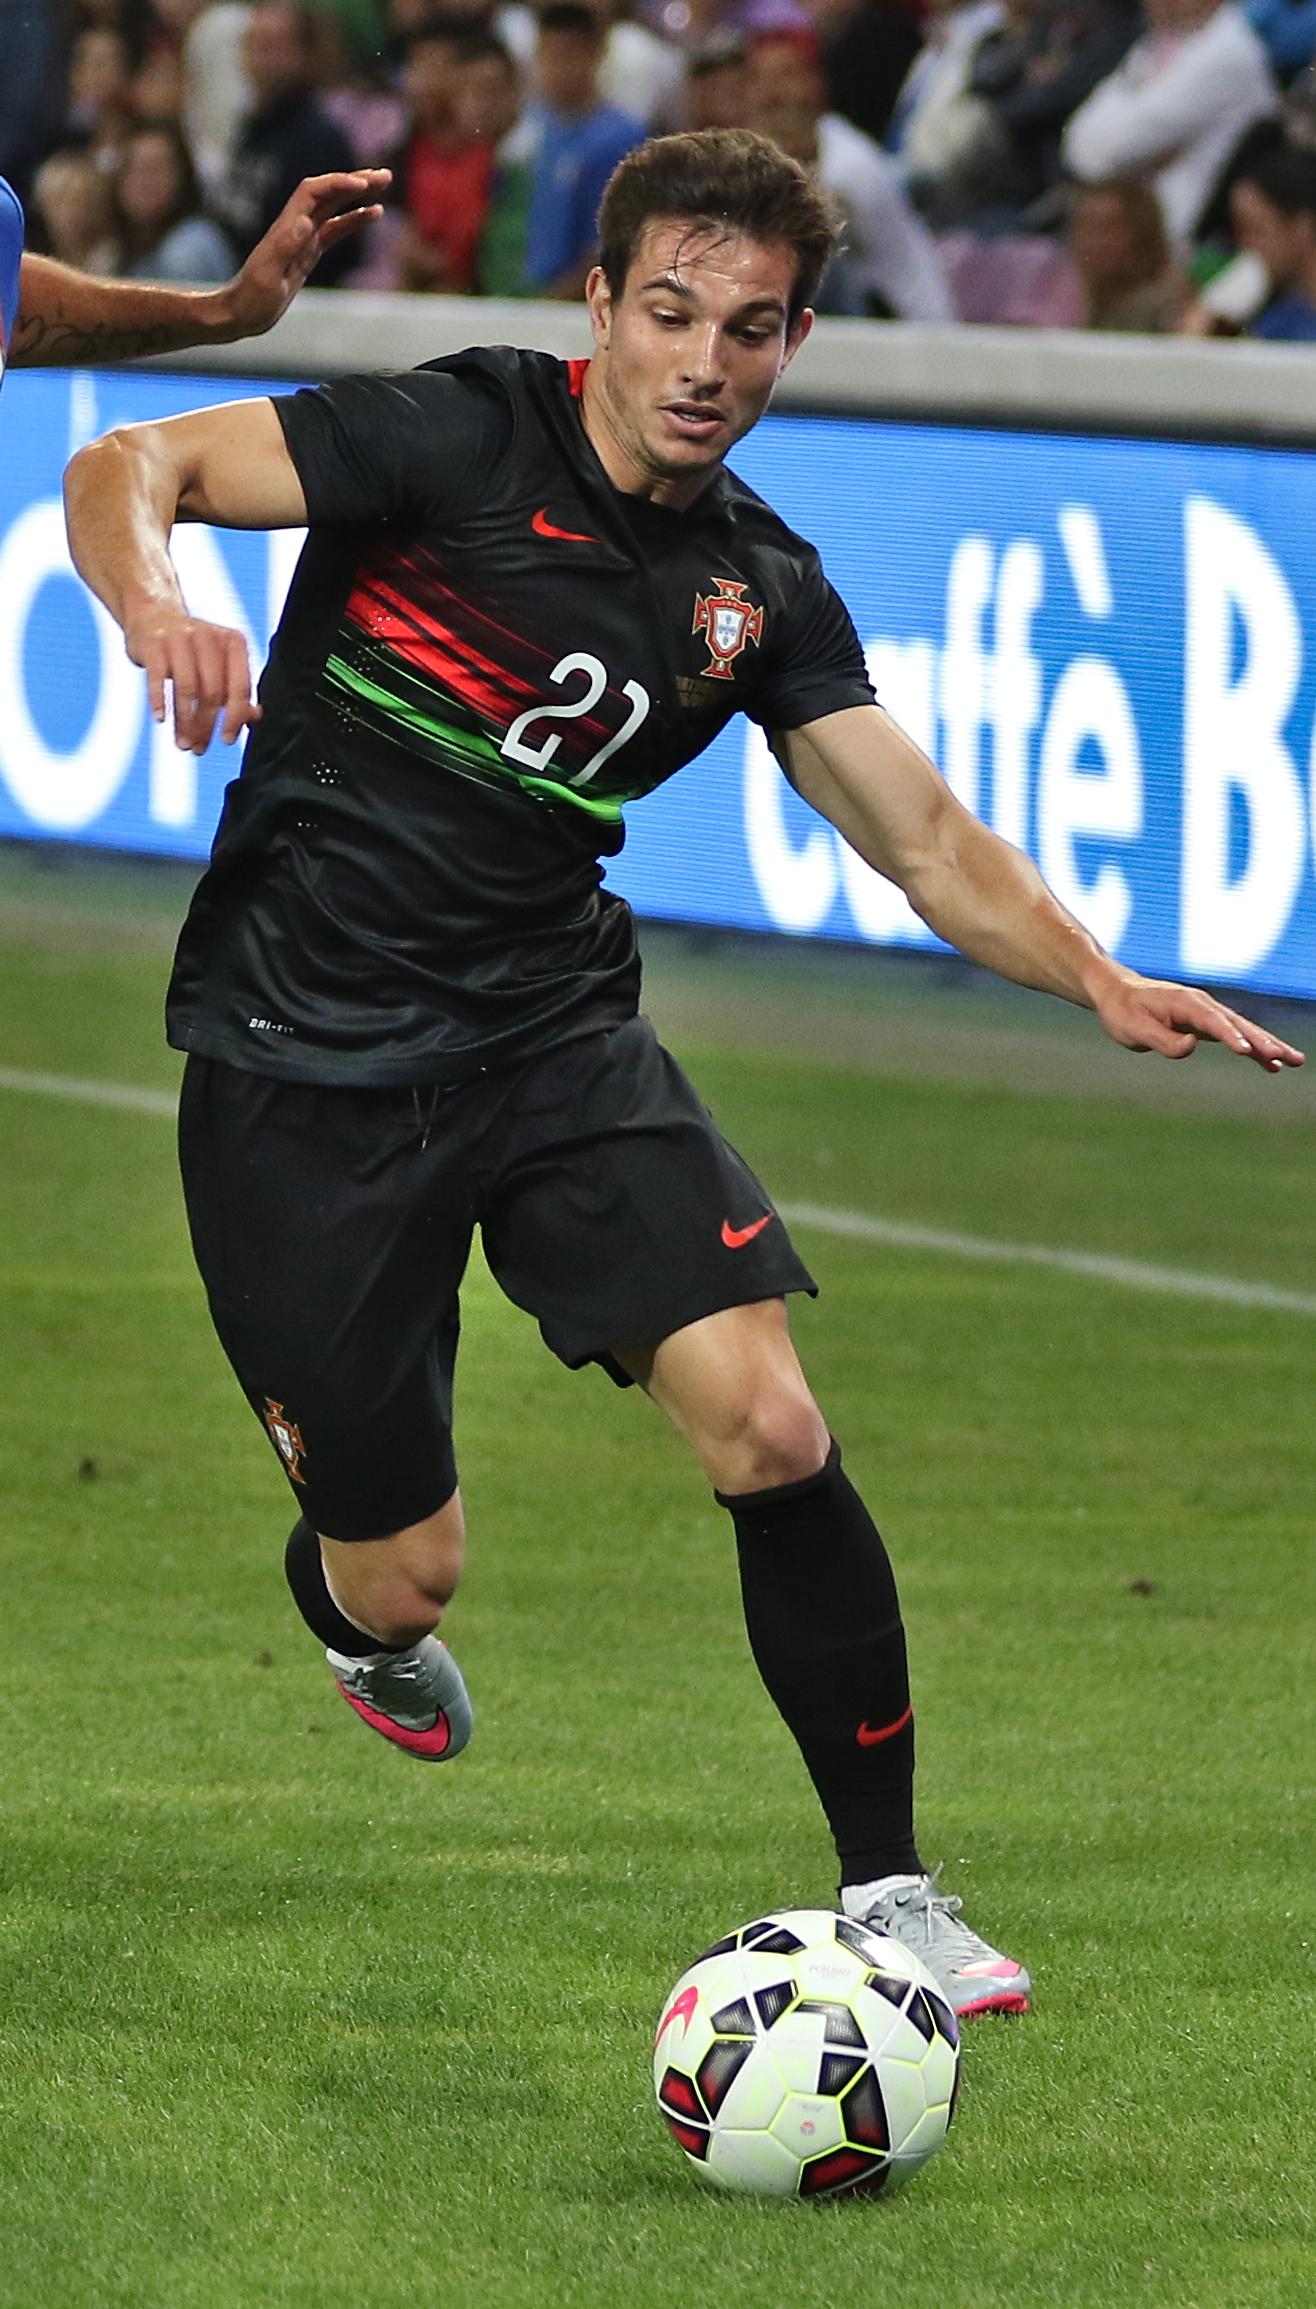 Седрик футболист португалия фото